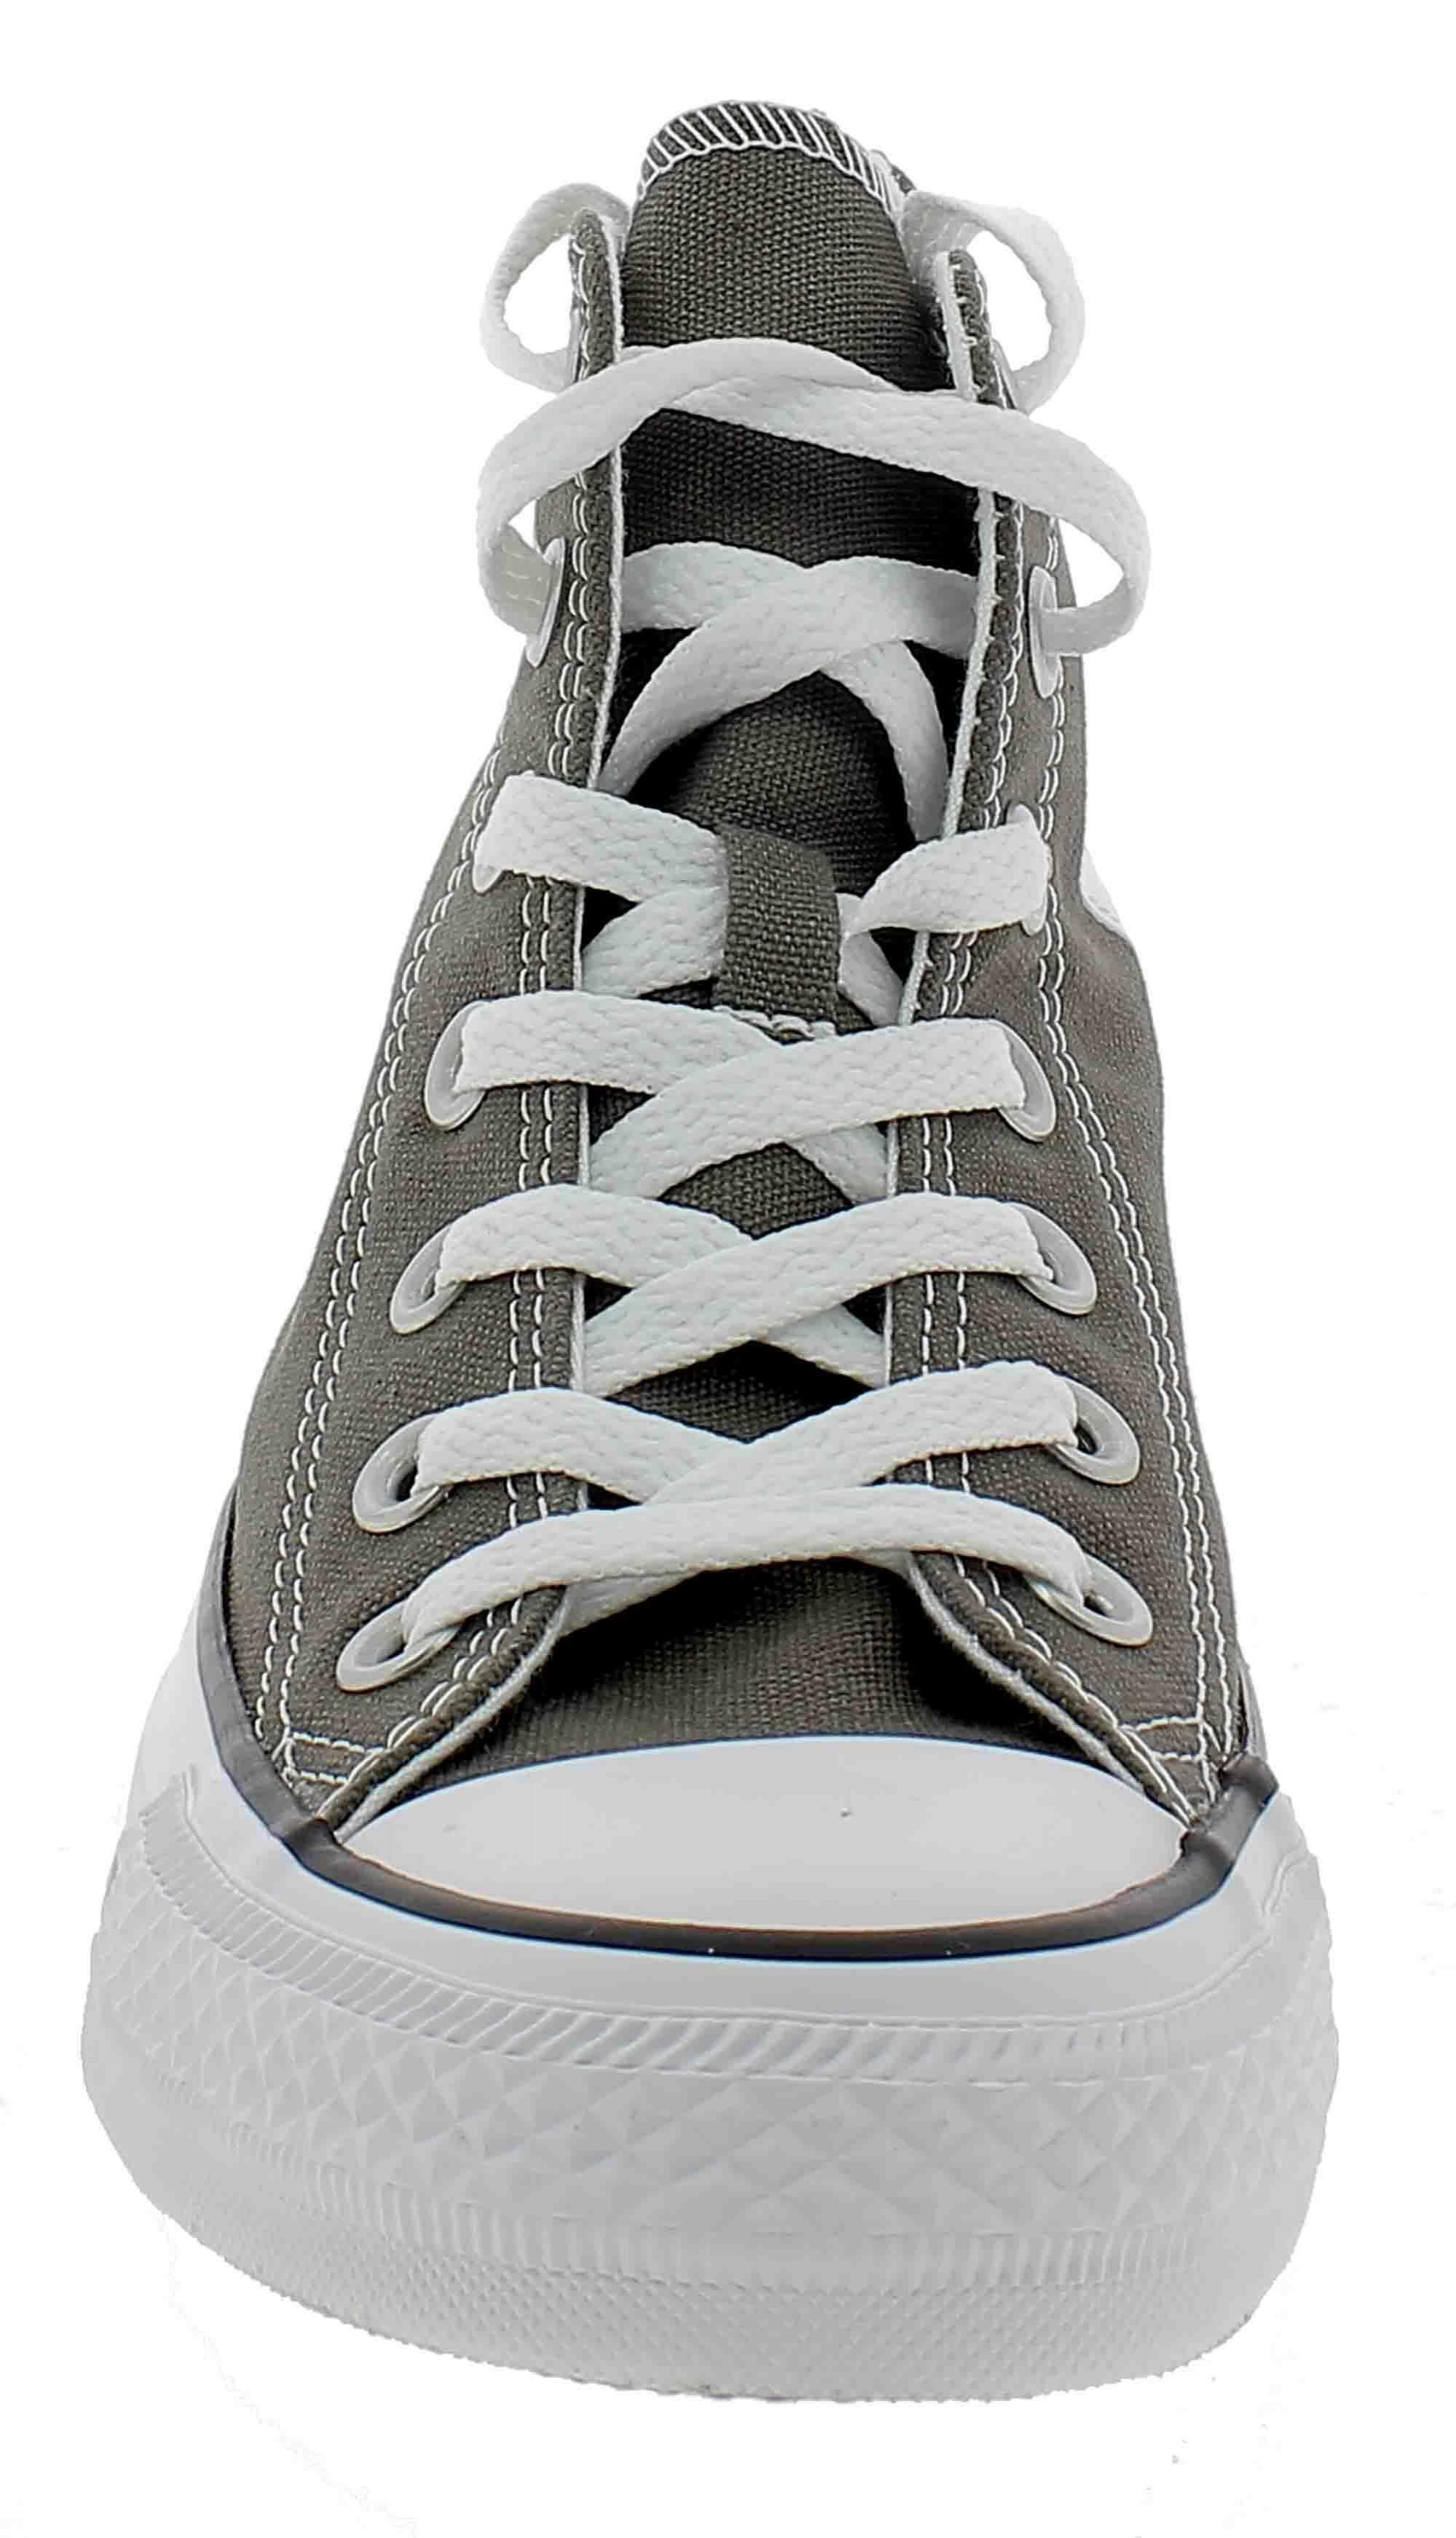 converse converse all star hi scarpe sportive alte grigie 7650